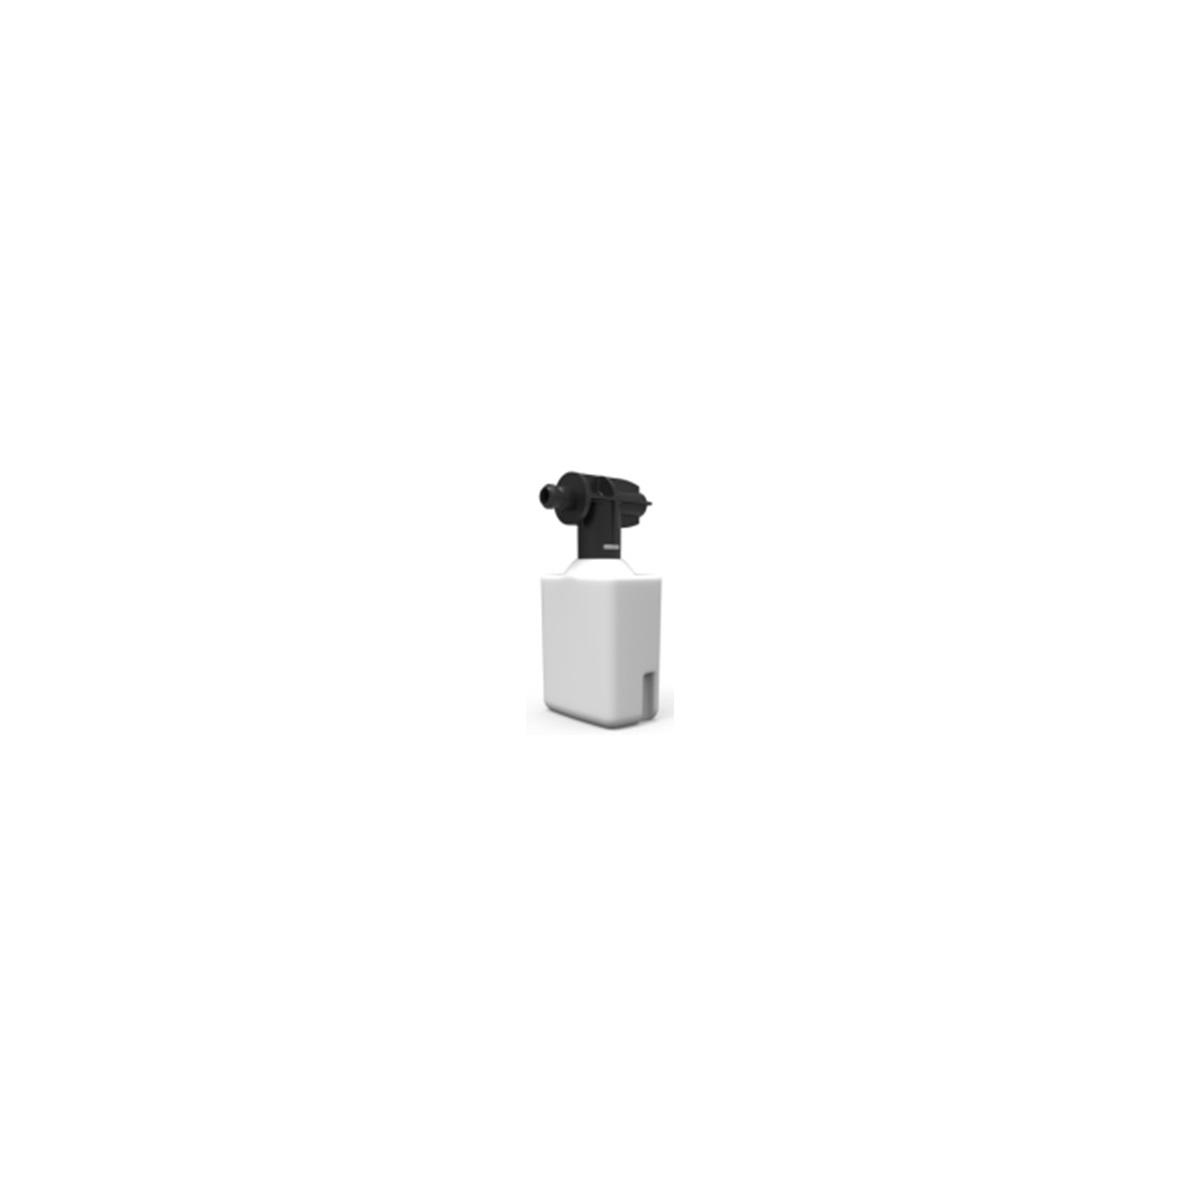 Pěnovací tryska (pro modely všechny modely myček Greenworks)